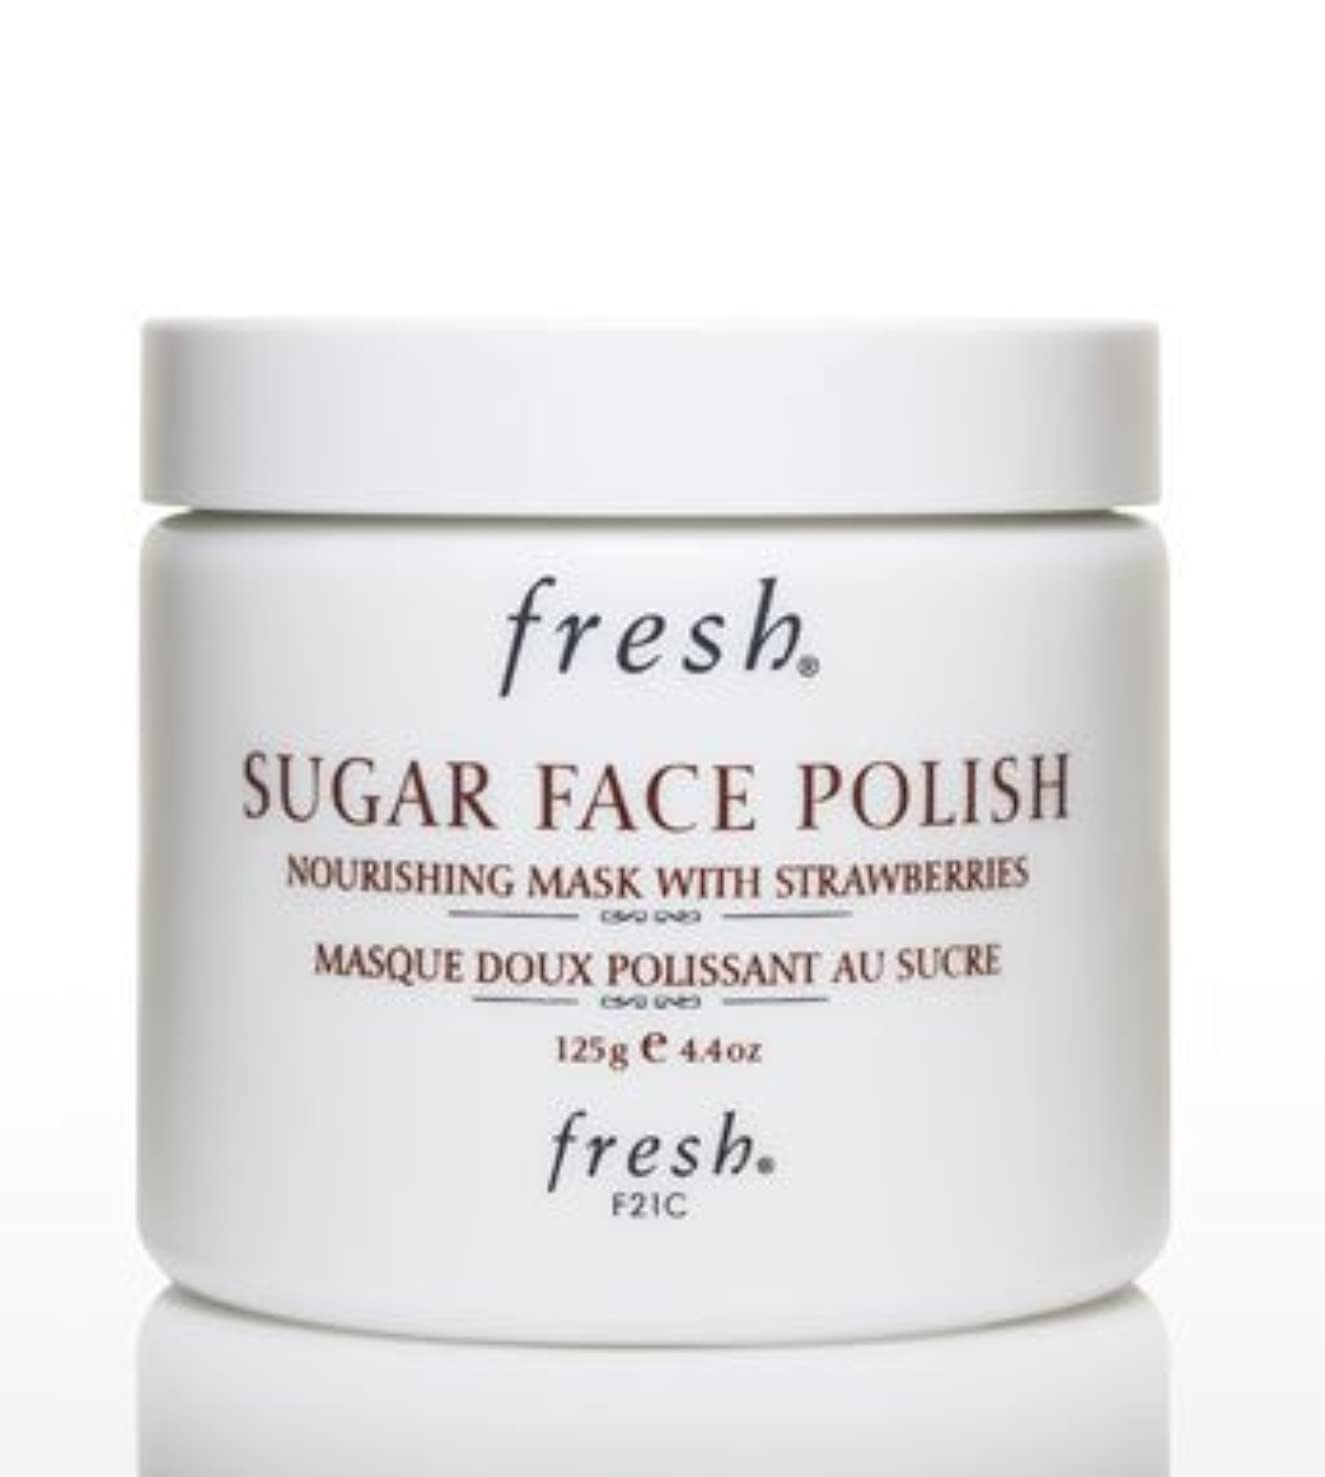 アシスタントベテラン金曜日Fresh SUGAR FACE POLISH (フレッシュ シュガーフェイスポリッシュ) 4.2 oz (125g) by Fresh for Women